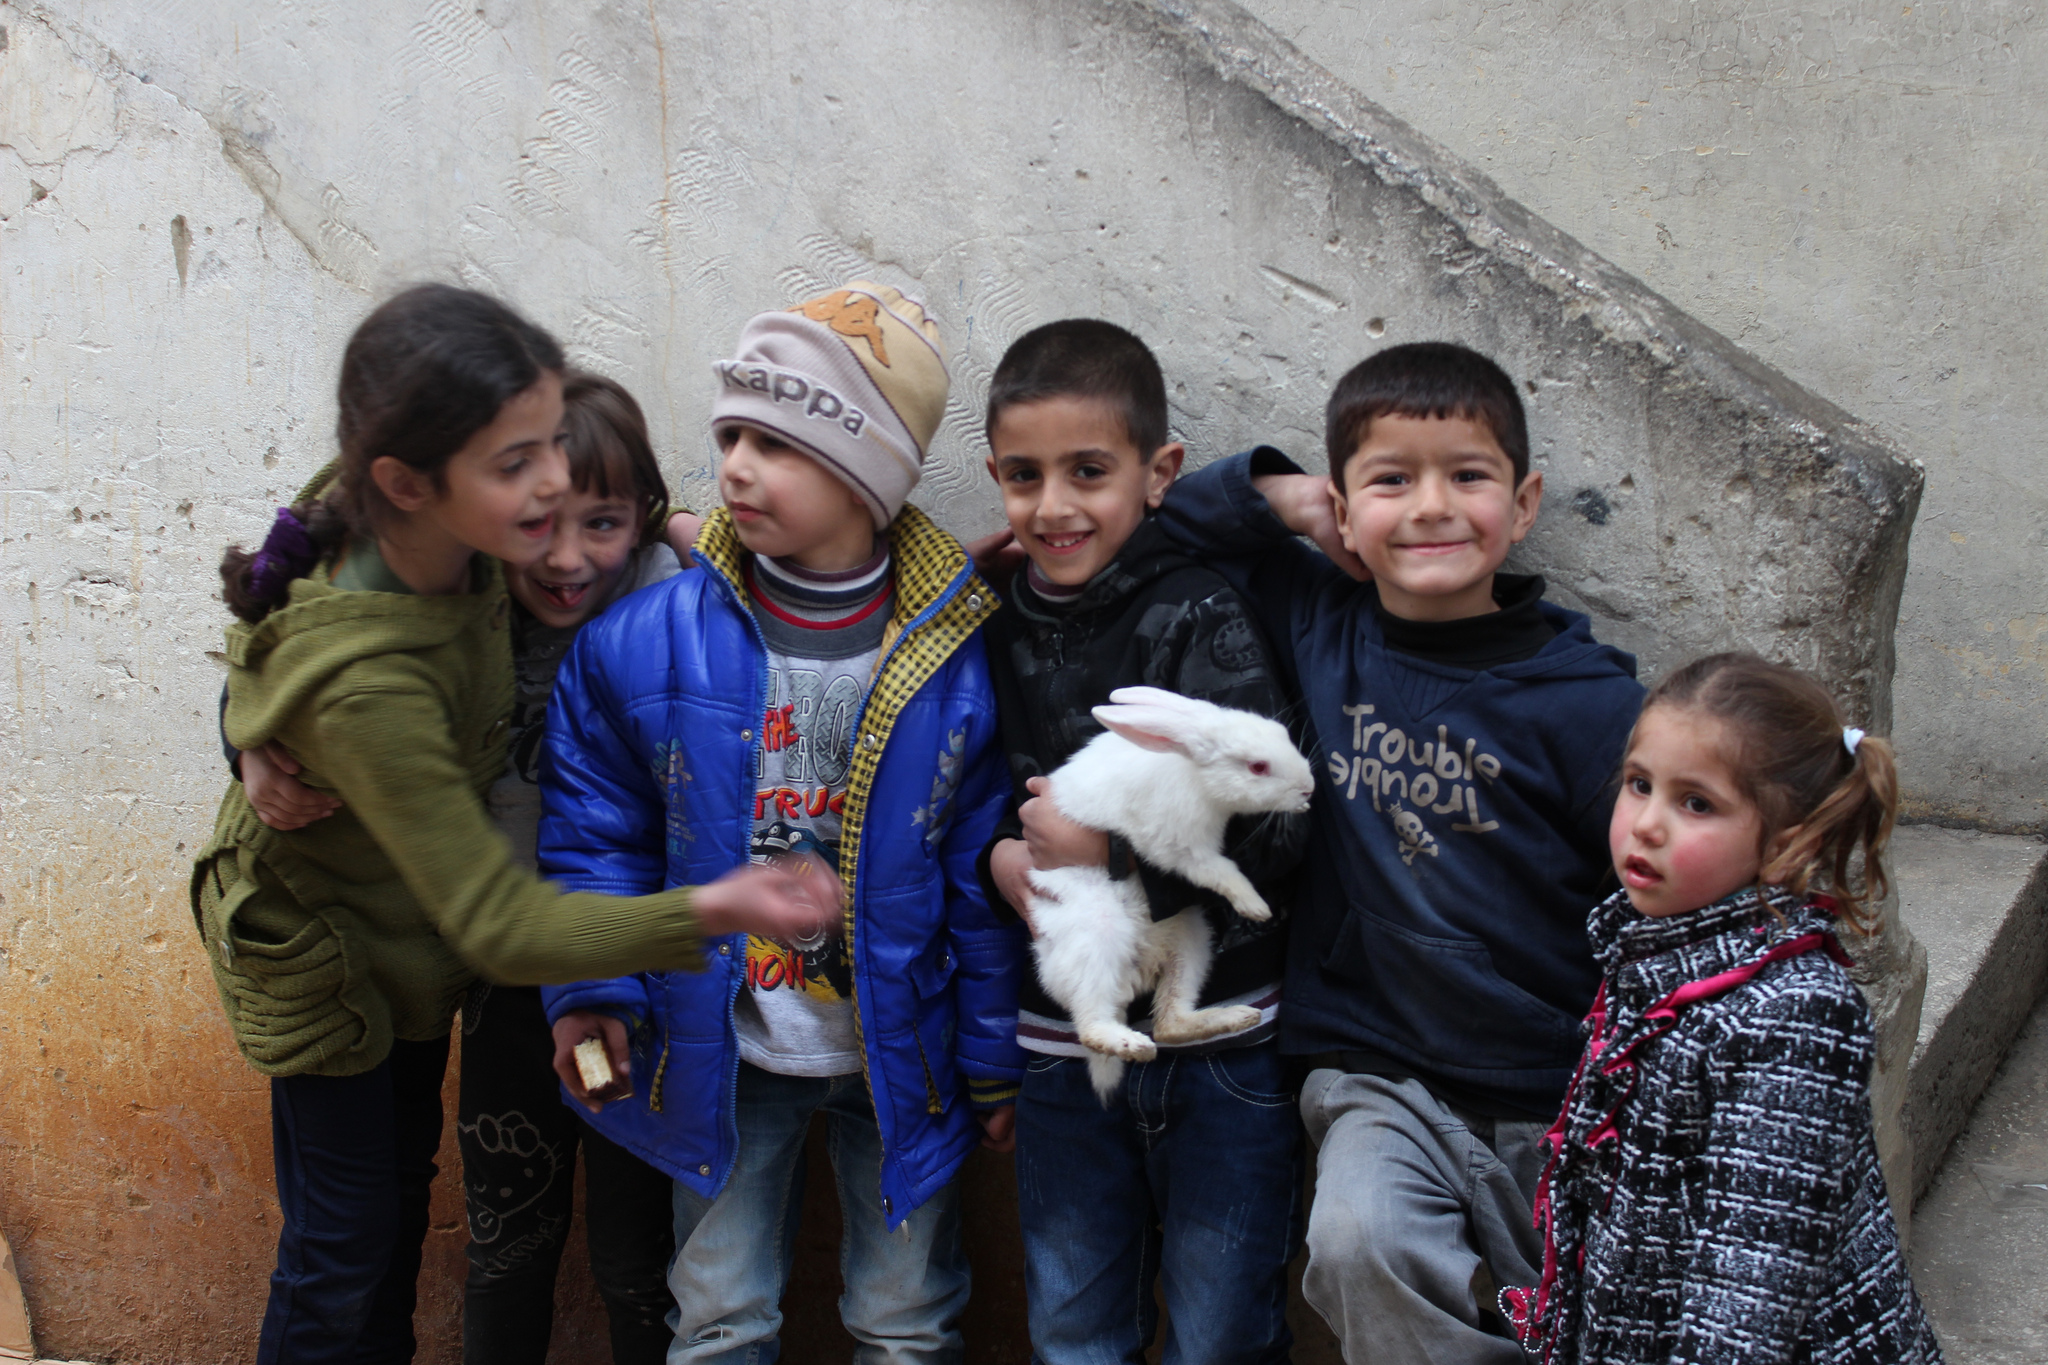 Flüchtlinge im Libanon: Palästinensische Flüchtlingskinder im Wavel-Camp im Libanon